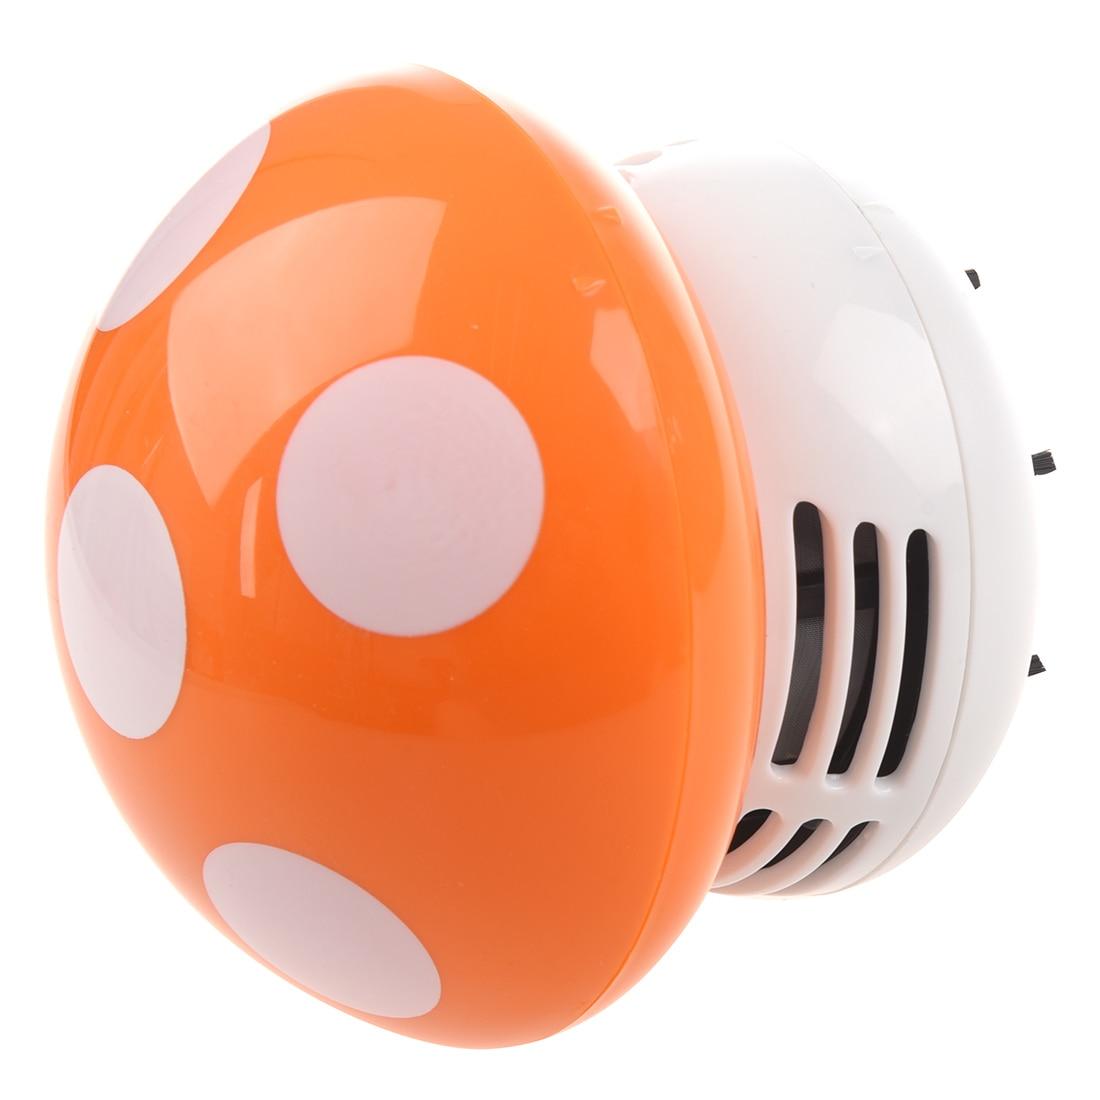 Haushaltsgeräte Sanft New Home Handheld Pilz Geformt Mini Staubsauger Auto Laptop Tastatur Desktop Staub Reiniger-orange Drop Verschiffen 100% Garantie Haushaltsgeräte